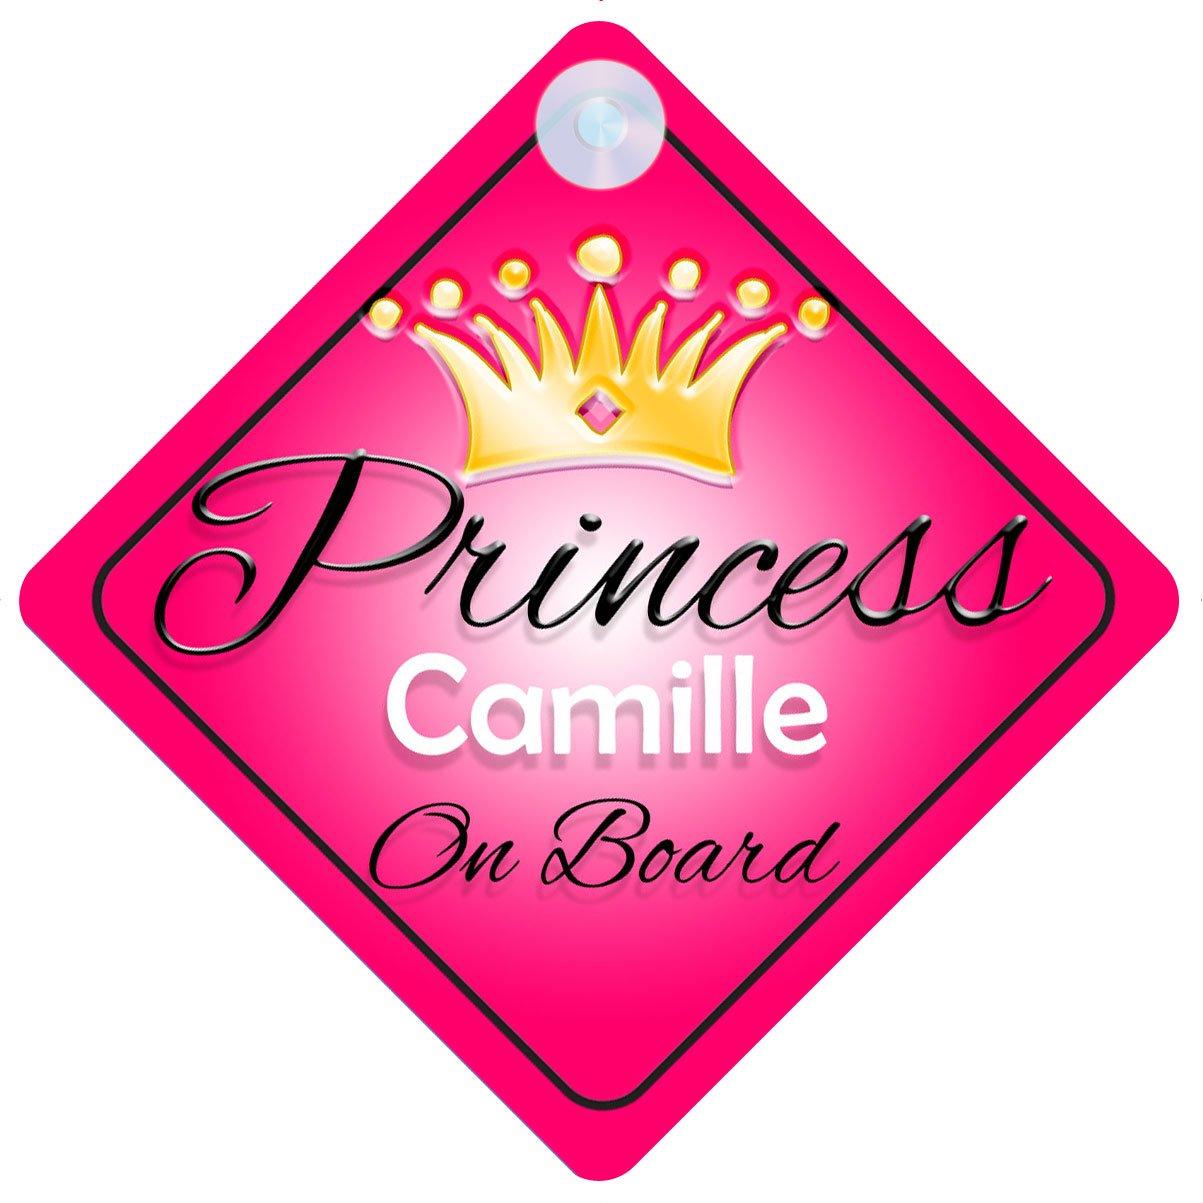 Princesse Camille on Board Personnalisé Fille Voiture Panneau pour bébé/enfant cadeau 001 mybabyonboard UK